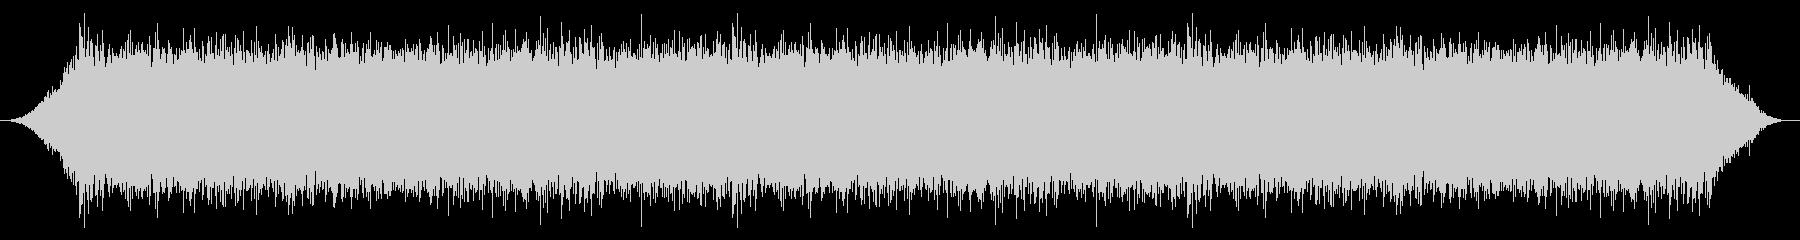 PC 駆動音01-08(ロング)の未再生の波形